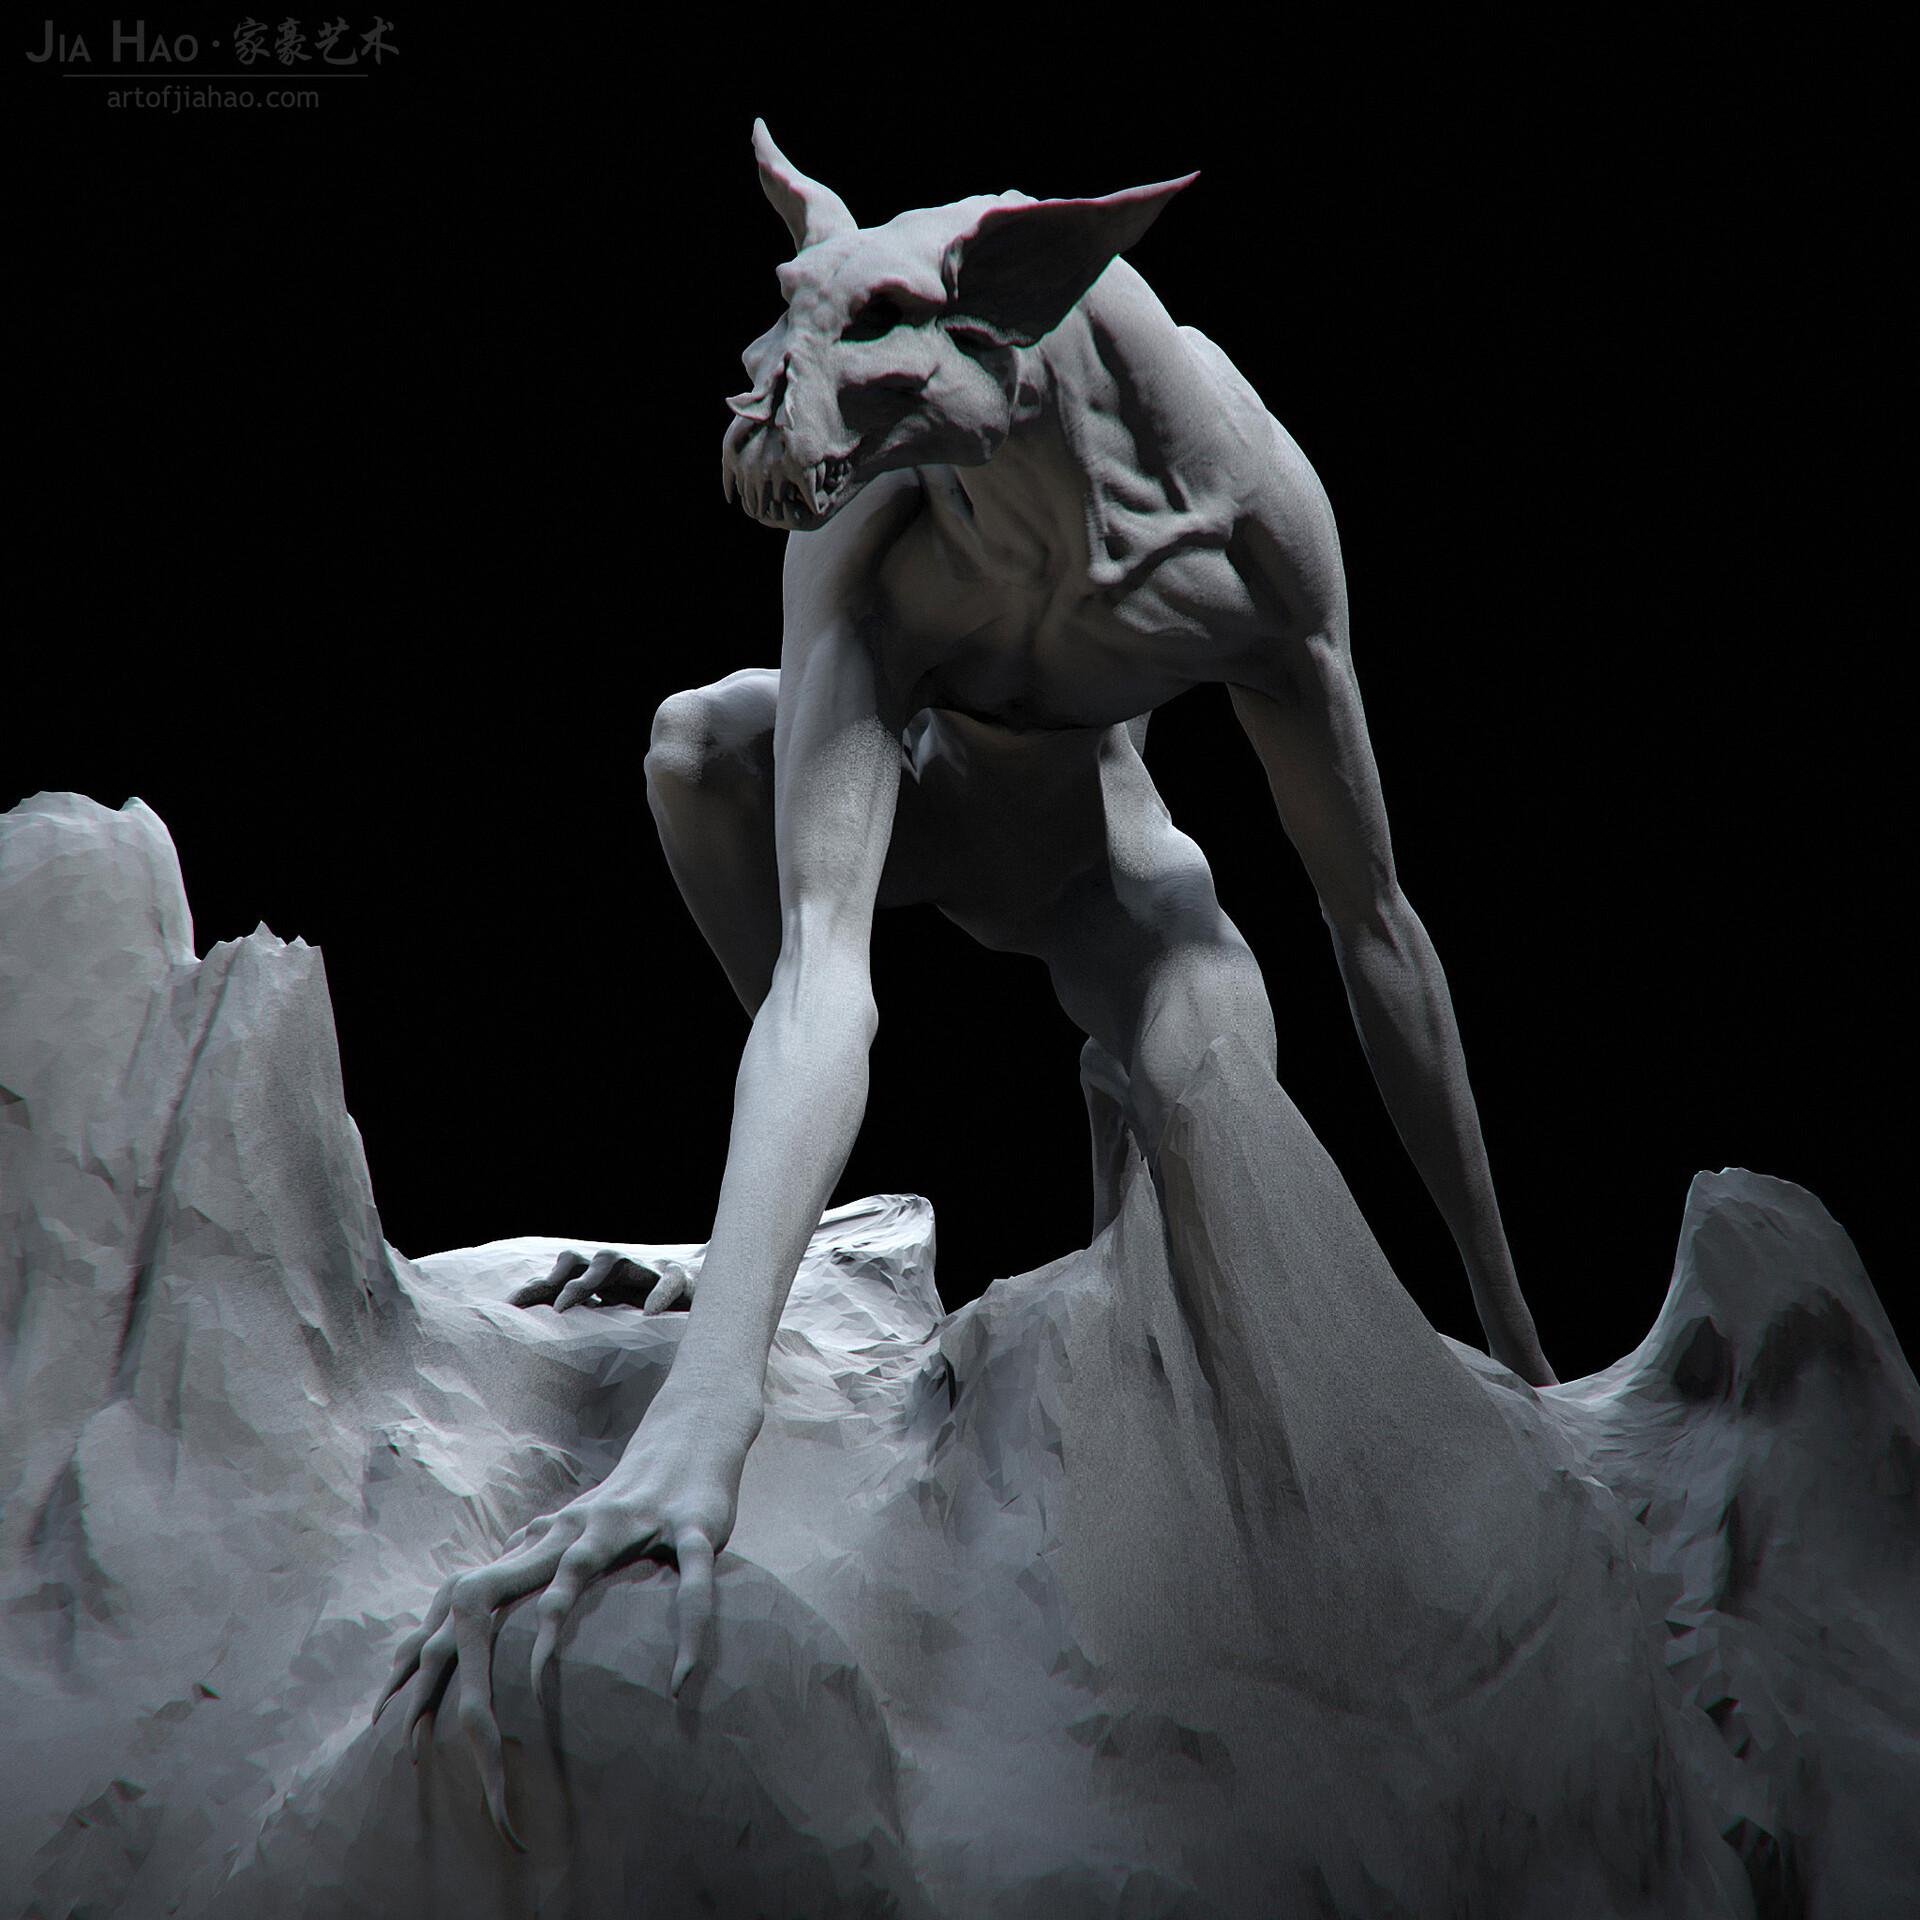 Jia hao 2019 theterror model 07